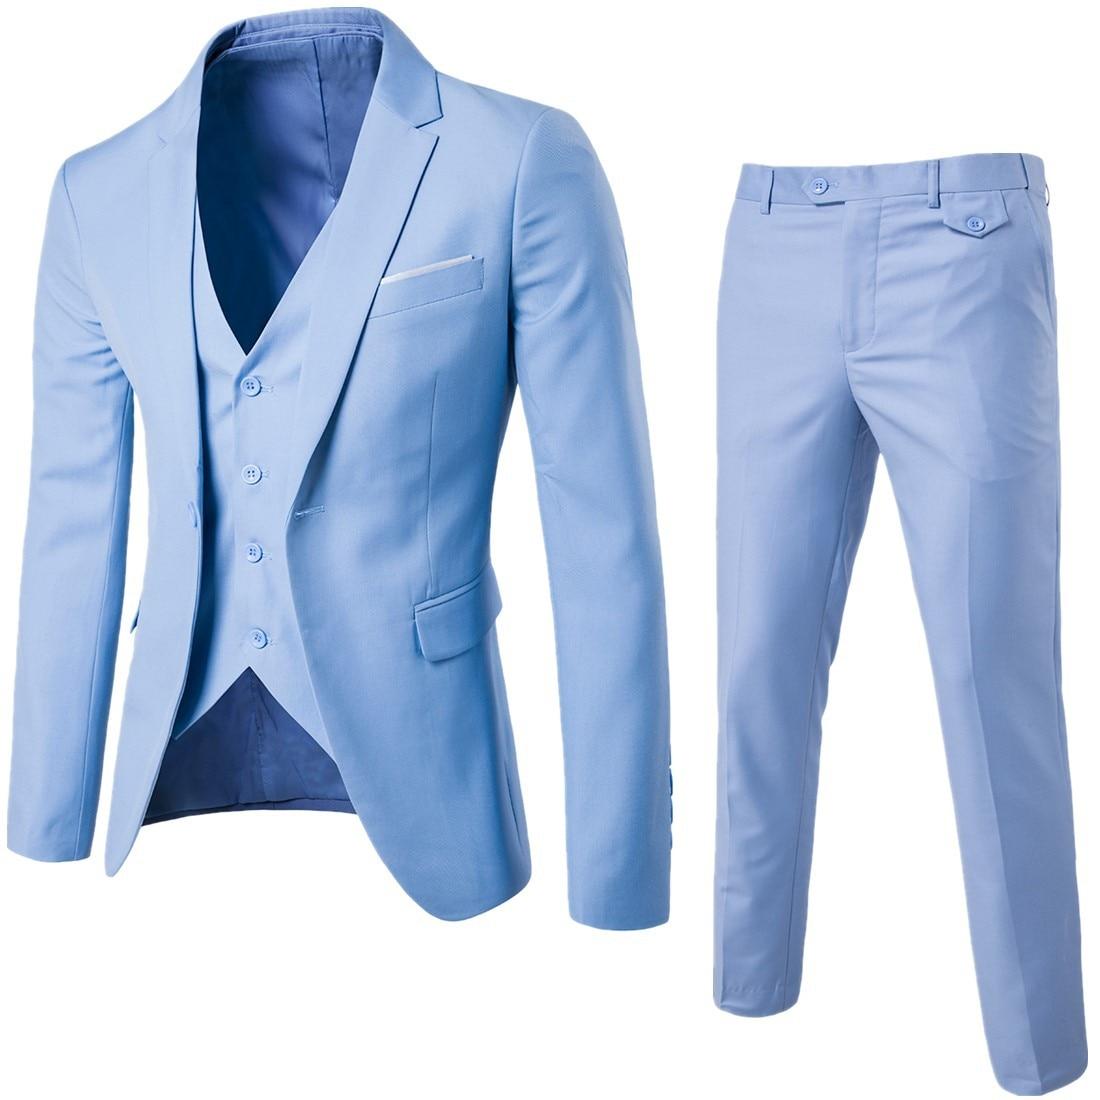 2017 New Style Men-Style Business Two-Piece Suit Korean-style Men's Slim Fit Suit